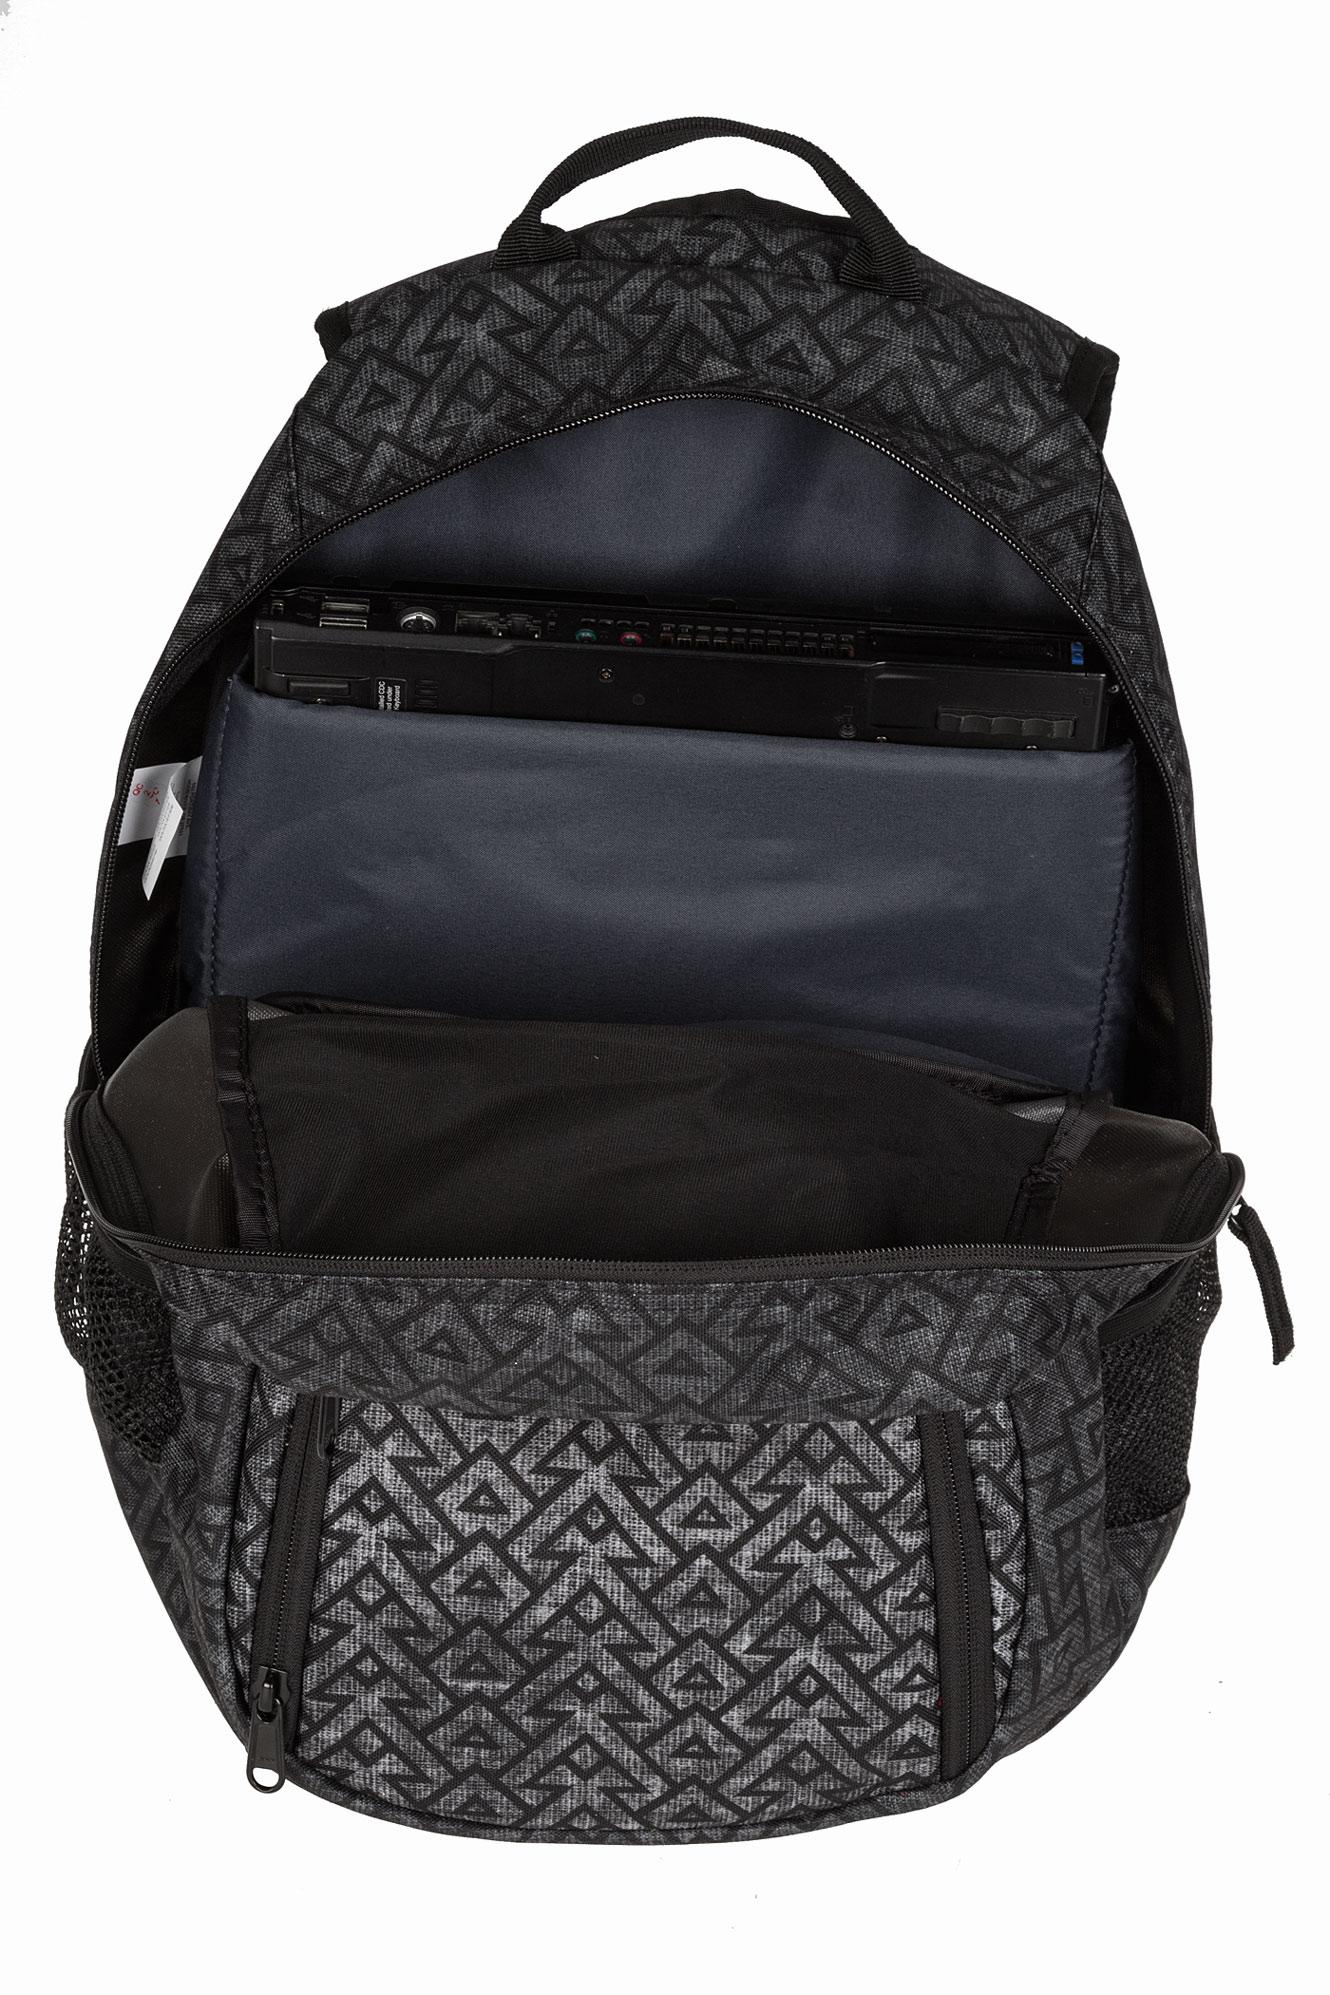 dakine campus backpack 25l stacked buy at skatedeluxe. Black Bedroom Furniture Sets. Home Design Ideas